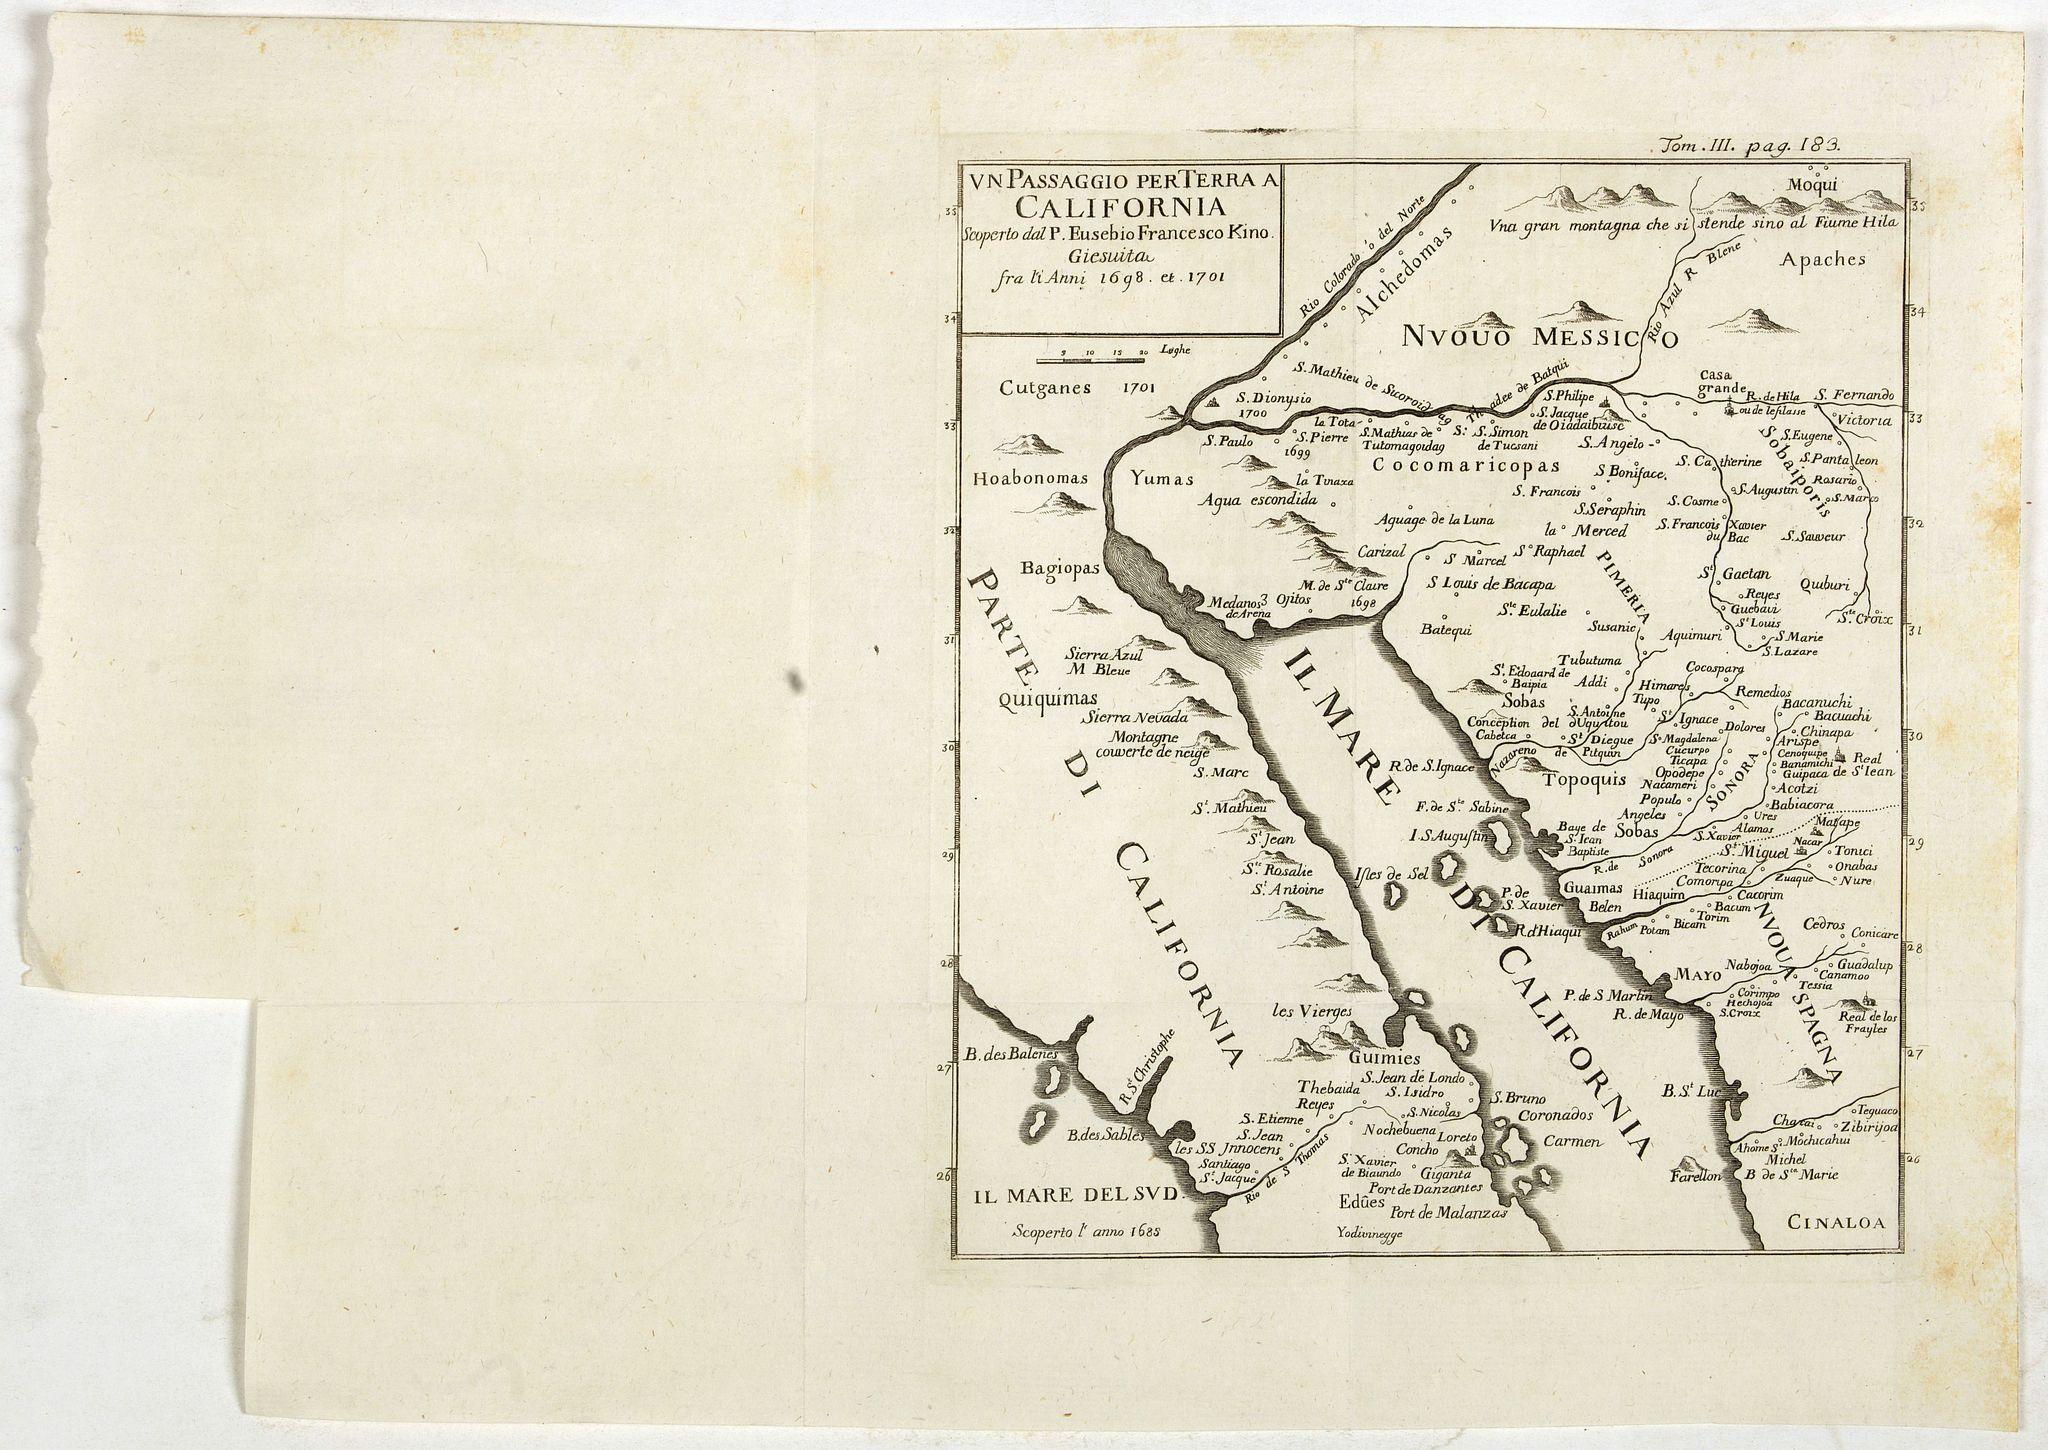 KINO, E.F. -  Un Passaggio per Terra a California Scoperto dal P. Eusebio Francesco Kino Gesuita Fragli Anni 1698 et 1701.